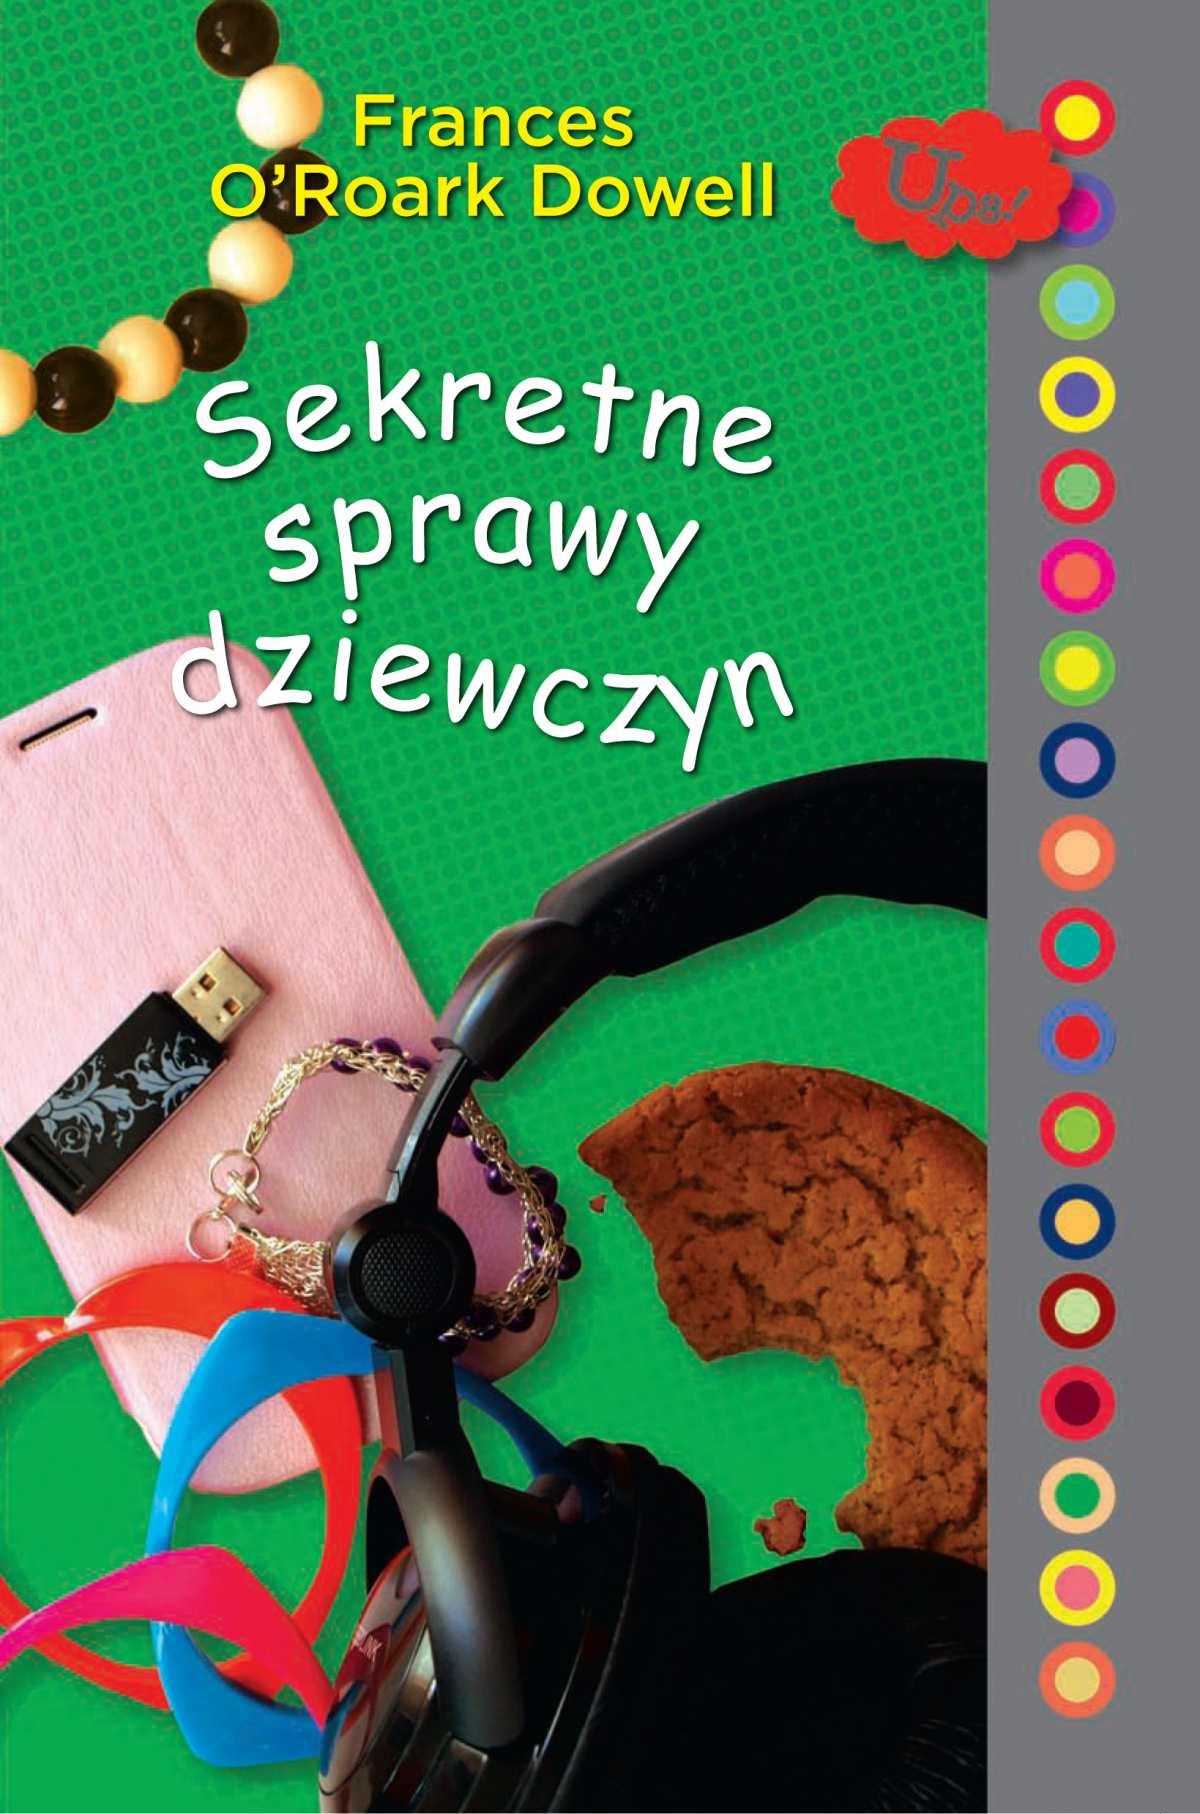 Sekretne sprawy dziewczyn - Ebook (Książka na Kindle) do pobrania w formacie MOBI